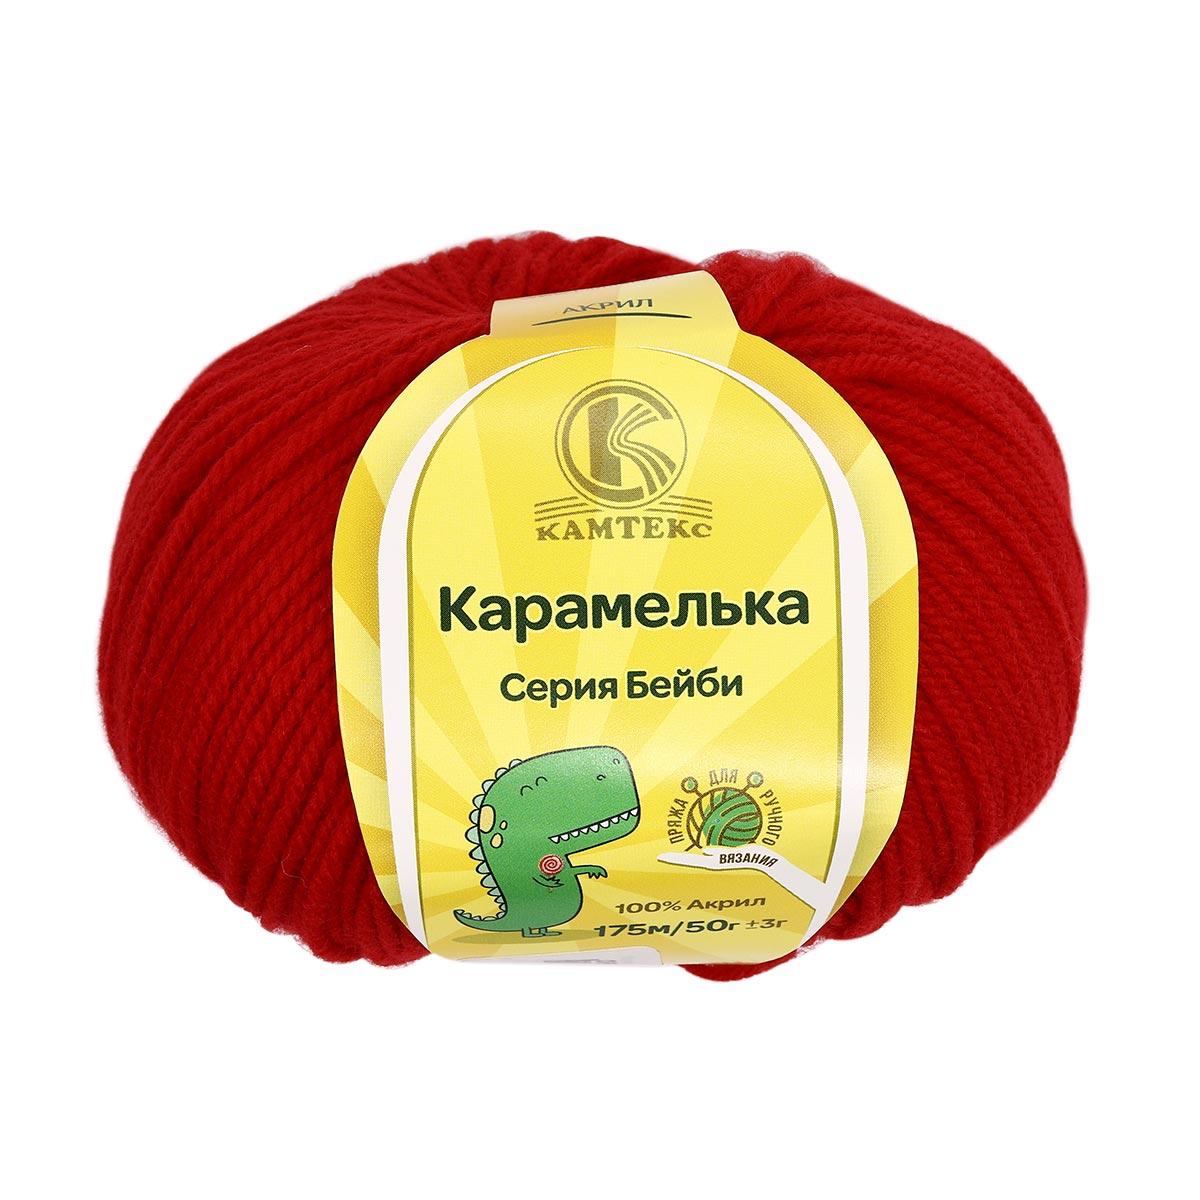 Пряжа Камтекс 'Карамелька' 50гр.175м. (100% акрил) (046 красный)